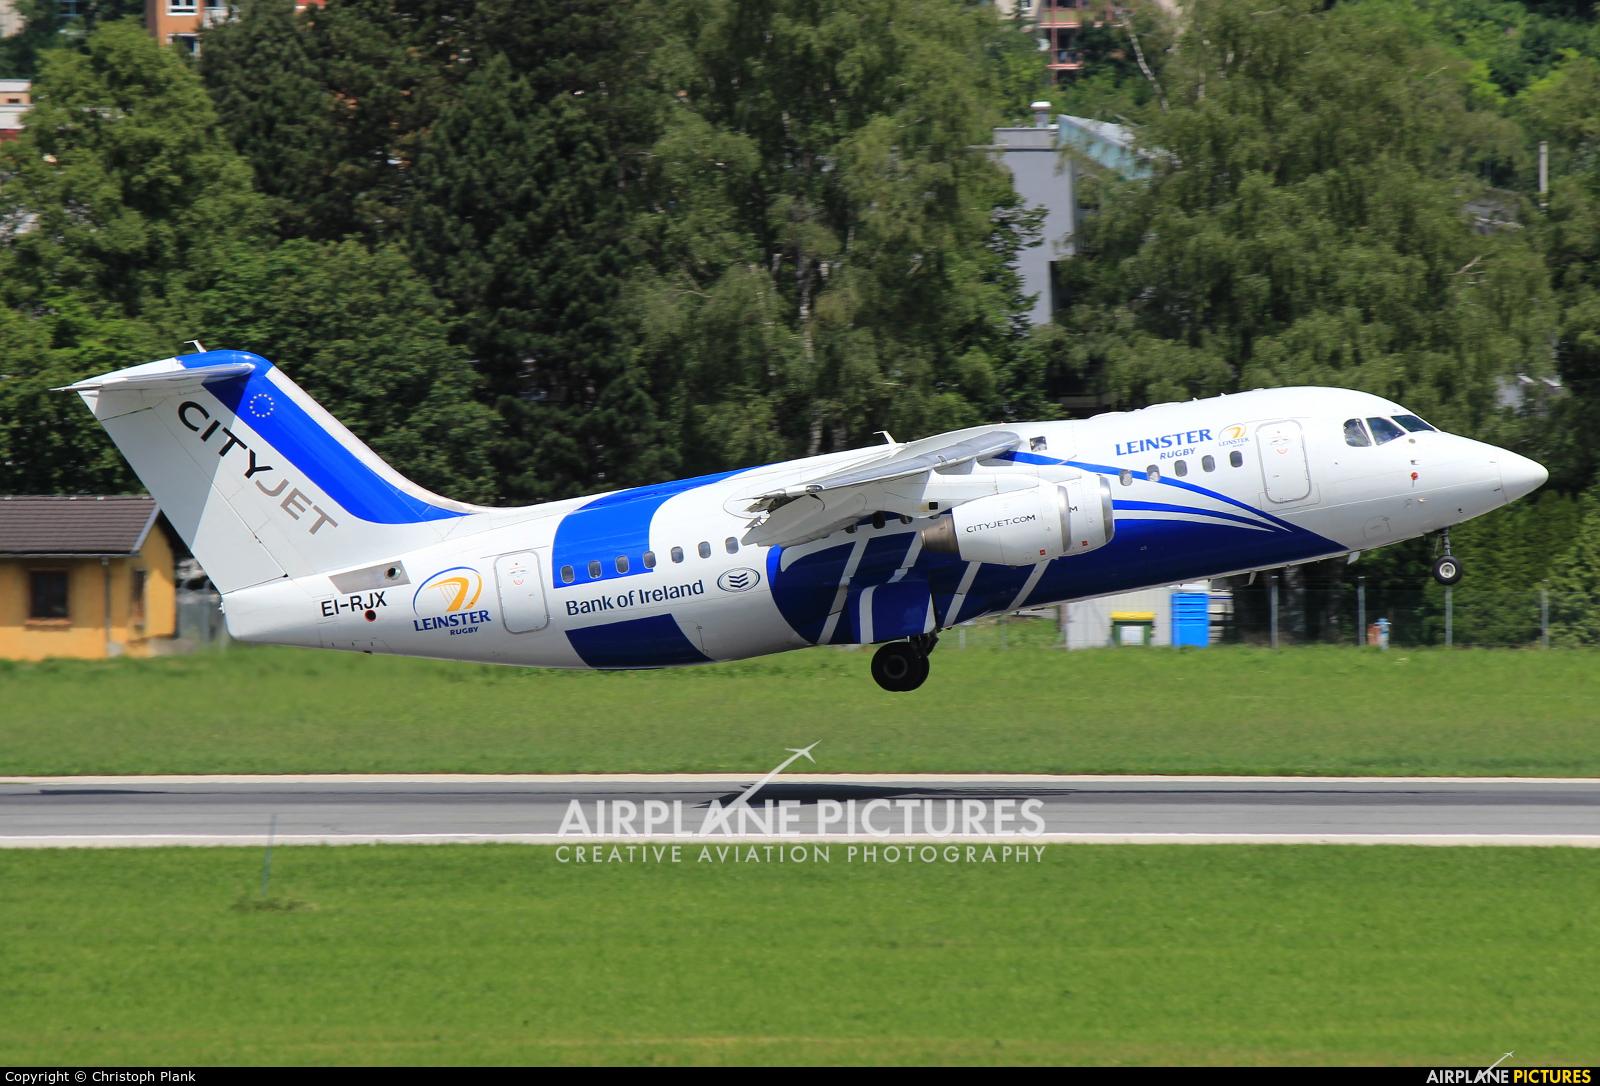 CityJet EI-RJX aircraft at Innsbruck